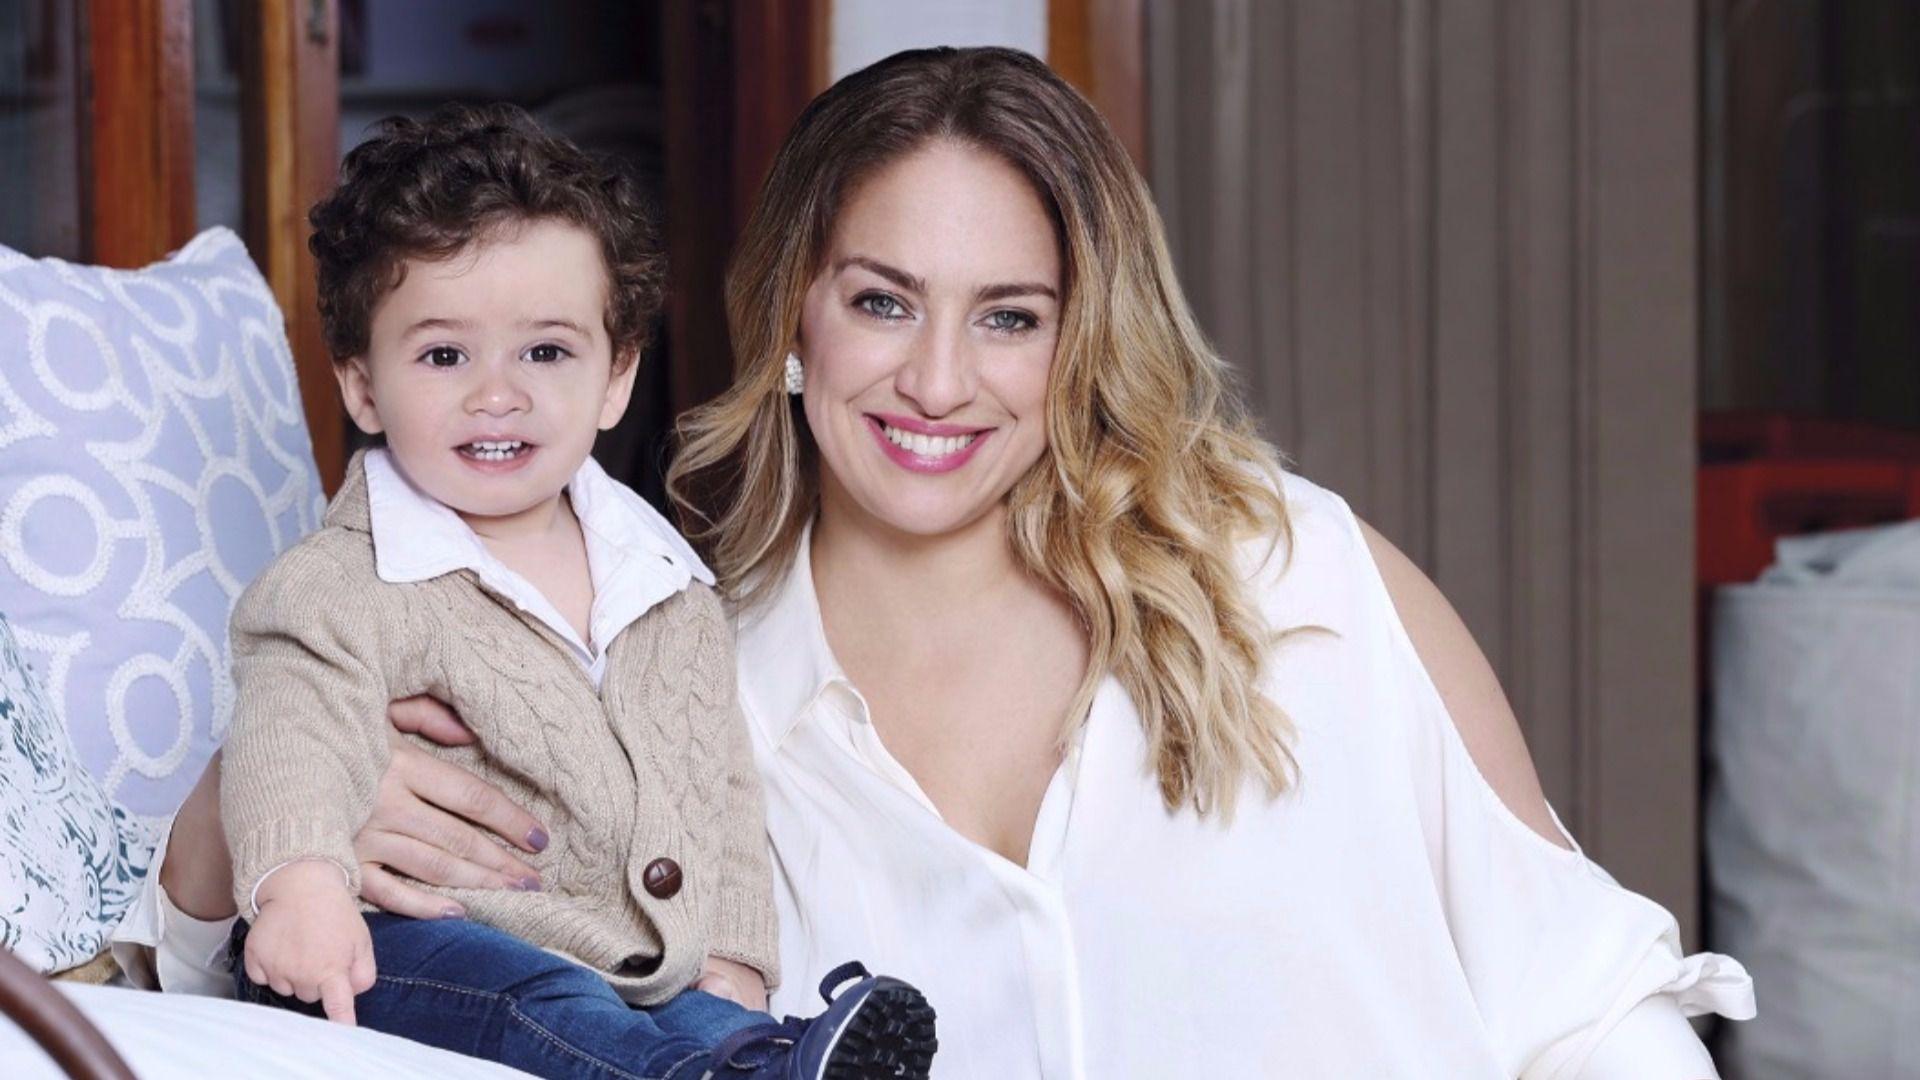 Antonio cumple cuatro años en abril. Foto: Maxi Didari / Para Ti Mamá